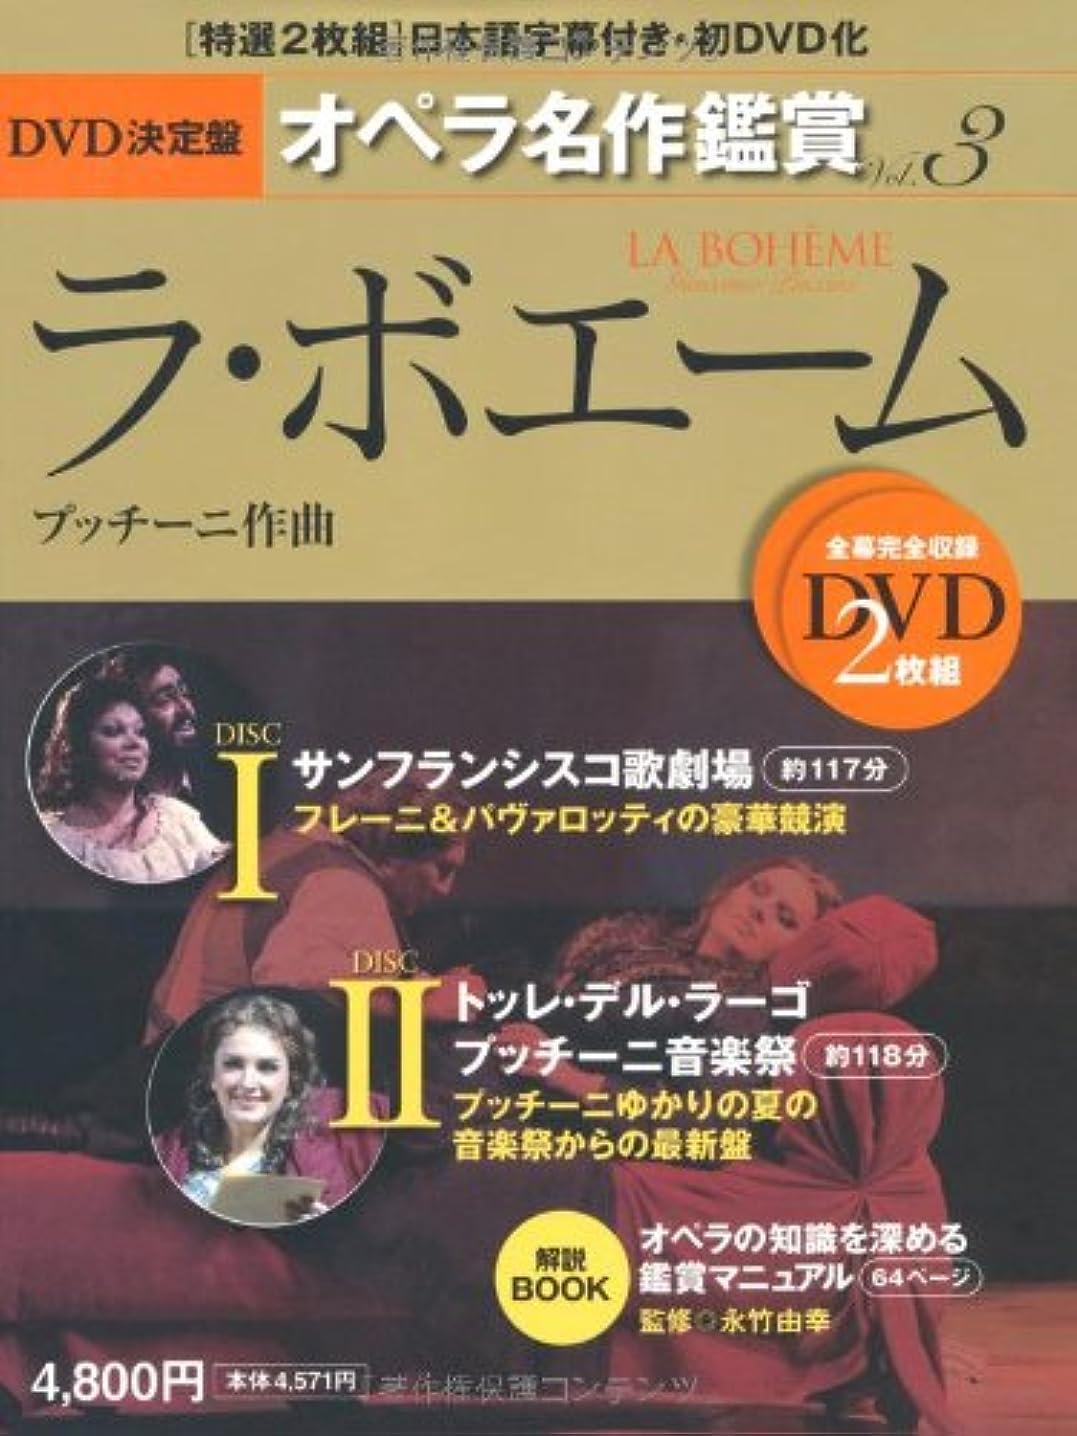 神学校誠実さピザラ?ボエーム LA BOHEME - DVD決定盤オペラ名作鑑賞シリーズ 3 (DVD2枚付きケース入り) プッチーニ作曲